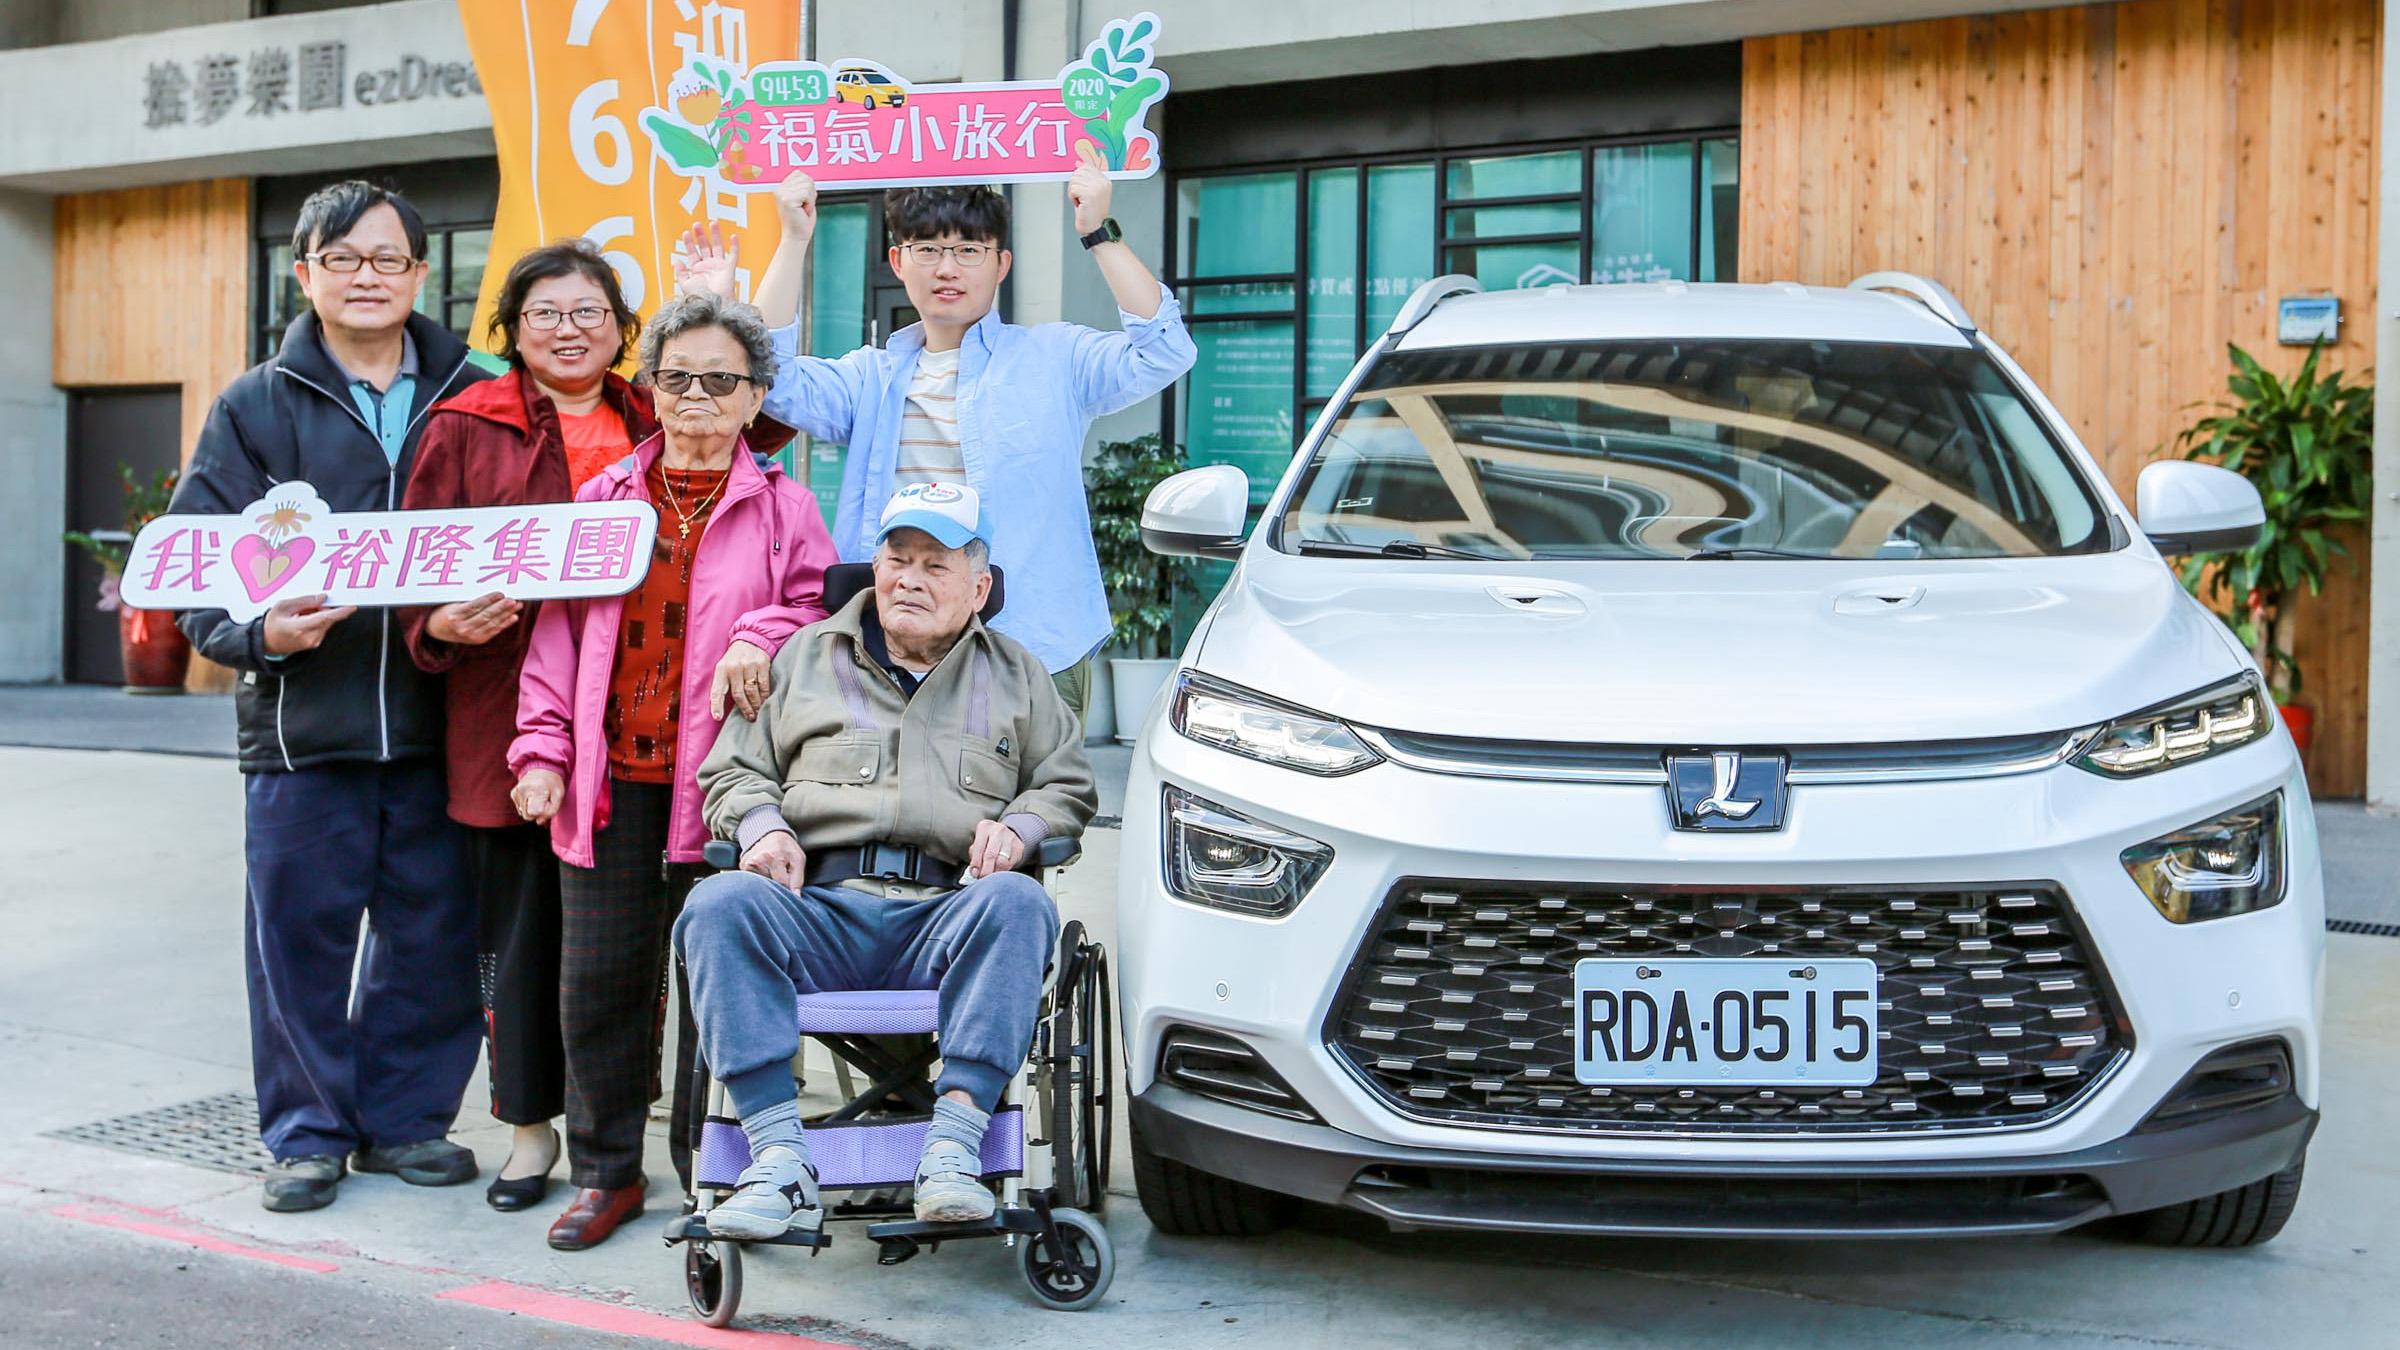 響應孝親國旅 裕隆舉辦第三屆企業敬老員工旅行